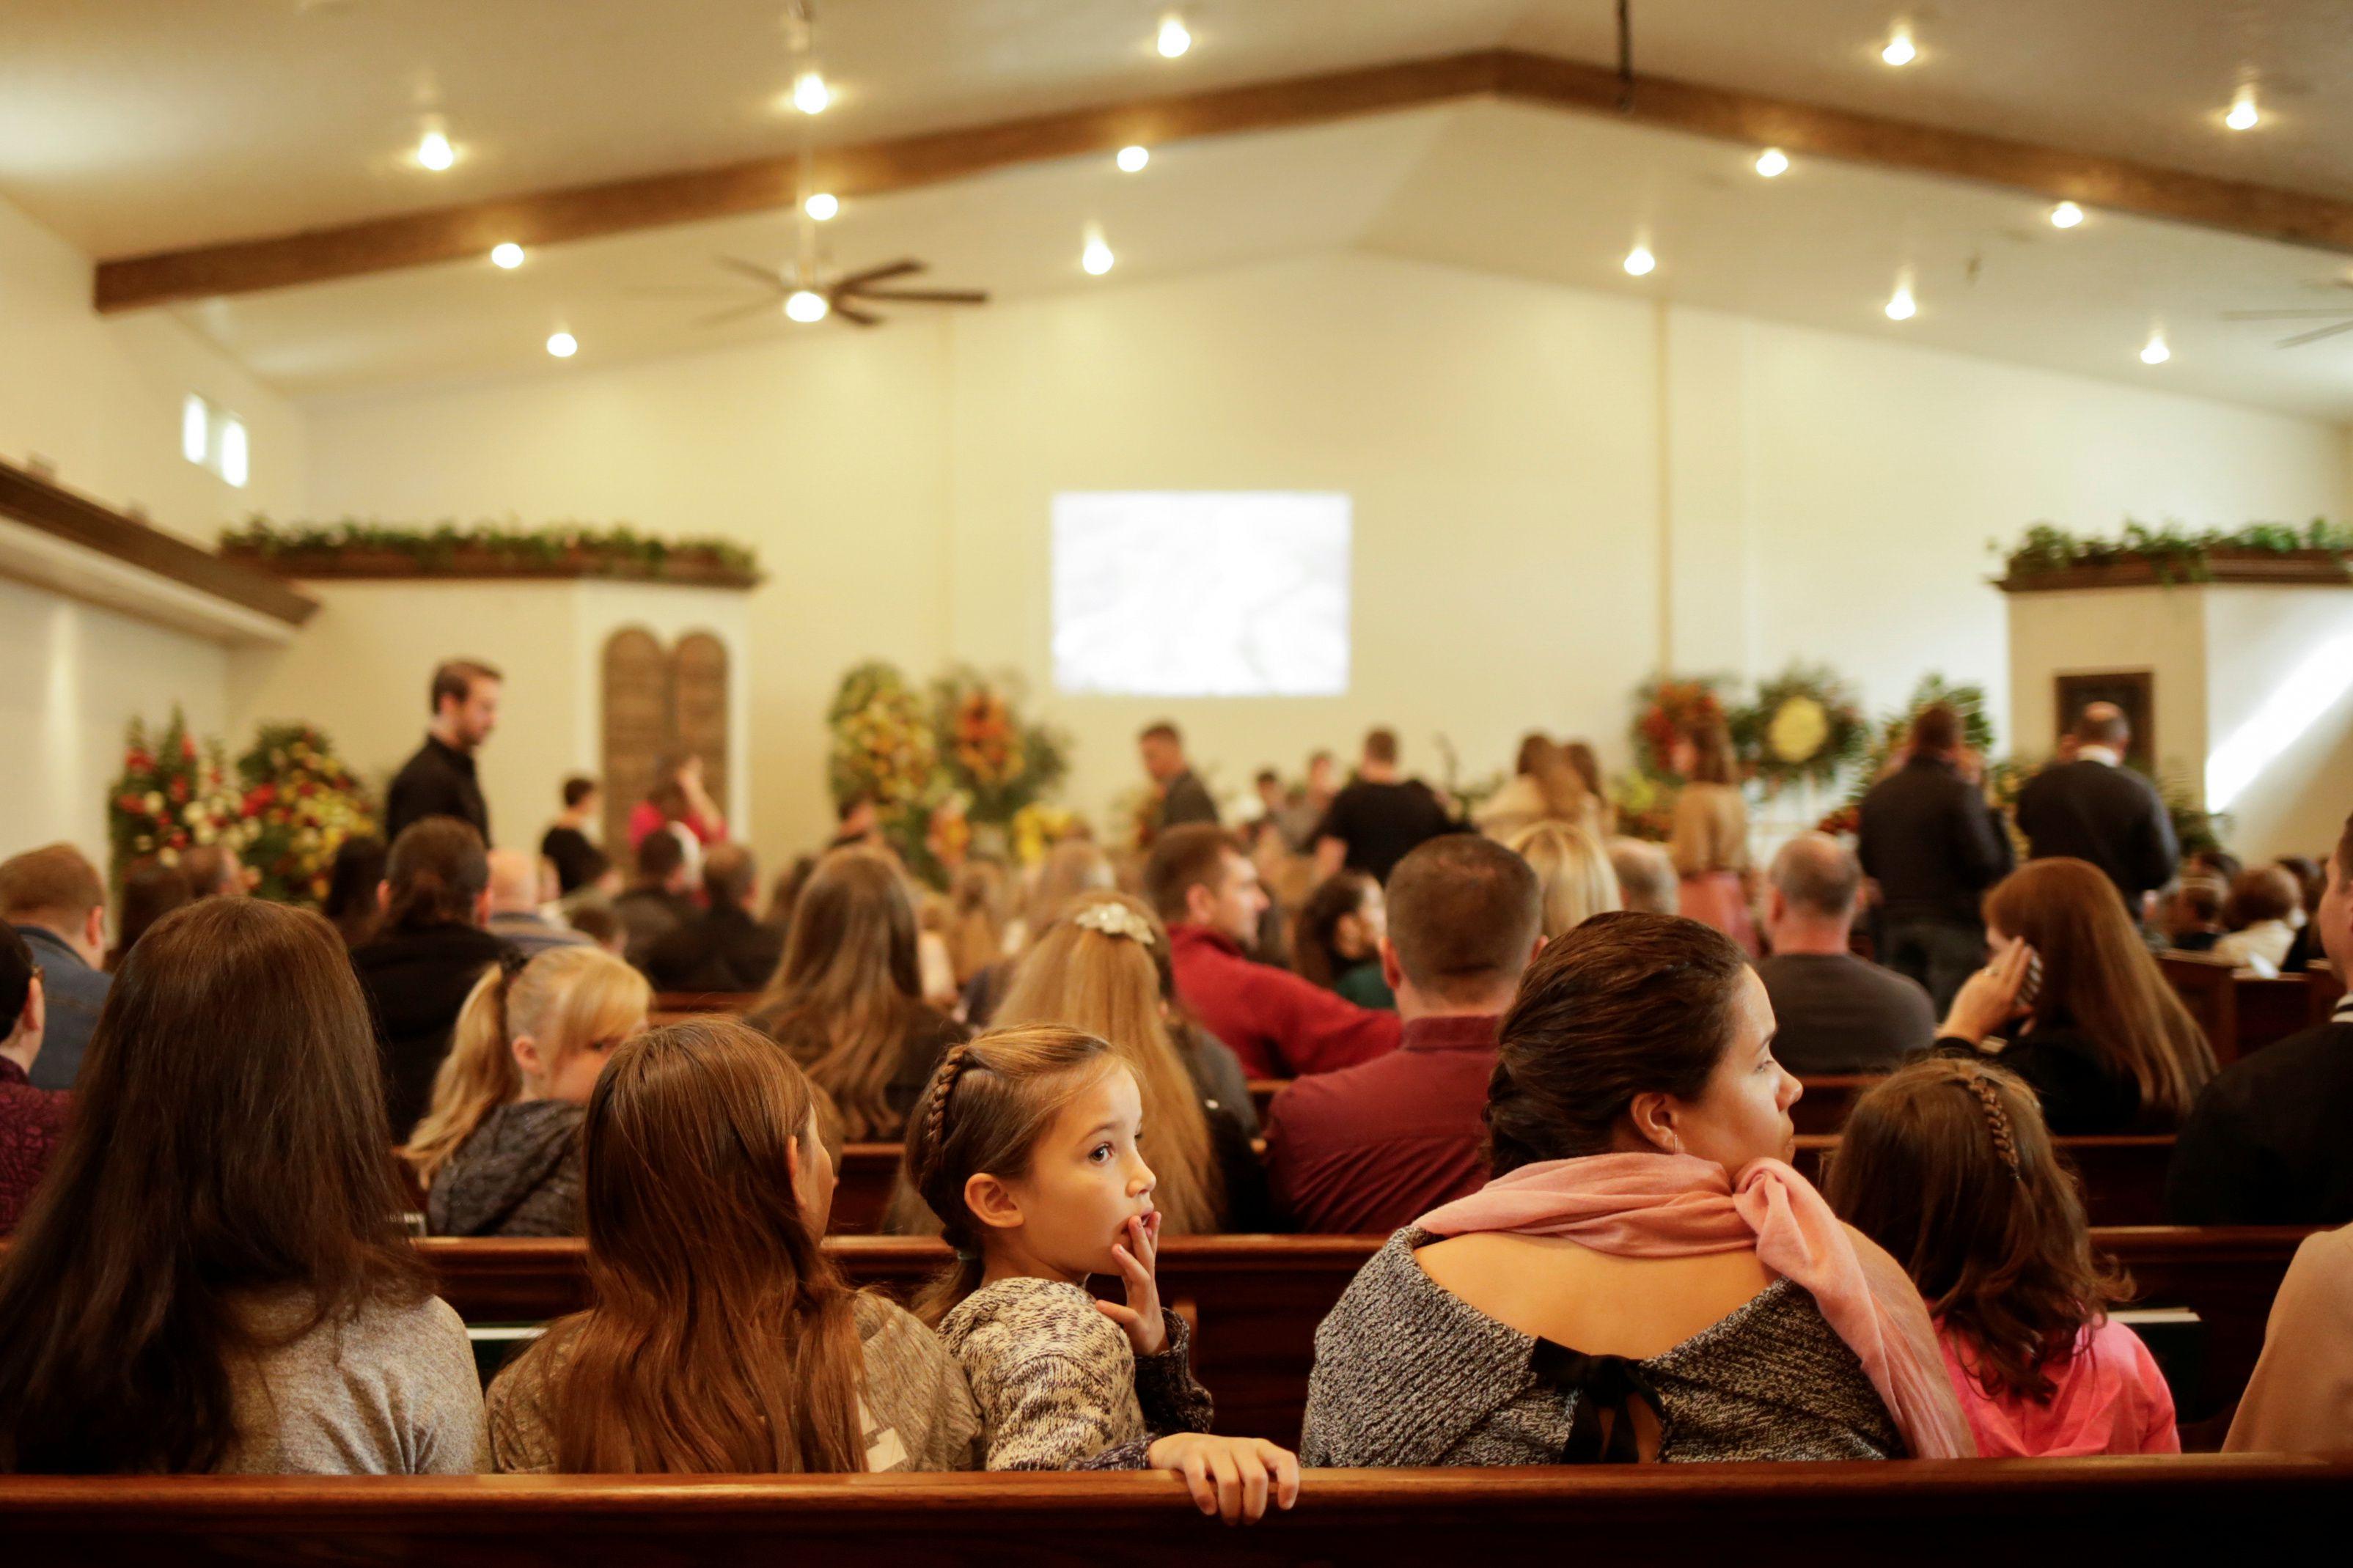 Los funerales de  Christina Marie Langford Johnson (Foto: REUTERS/Jose Luis Gonzalez)